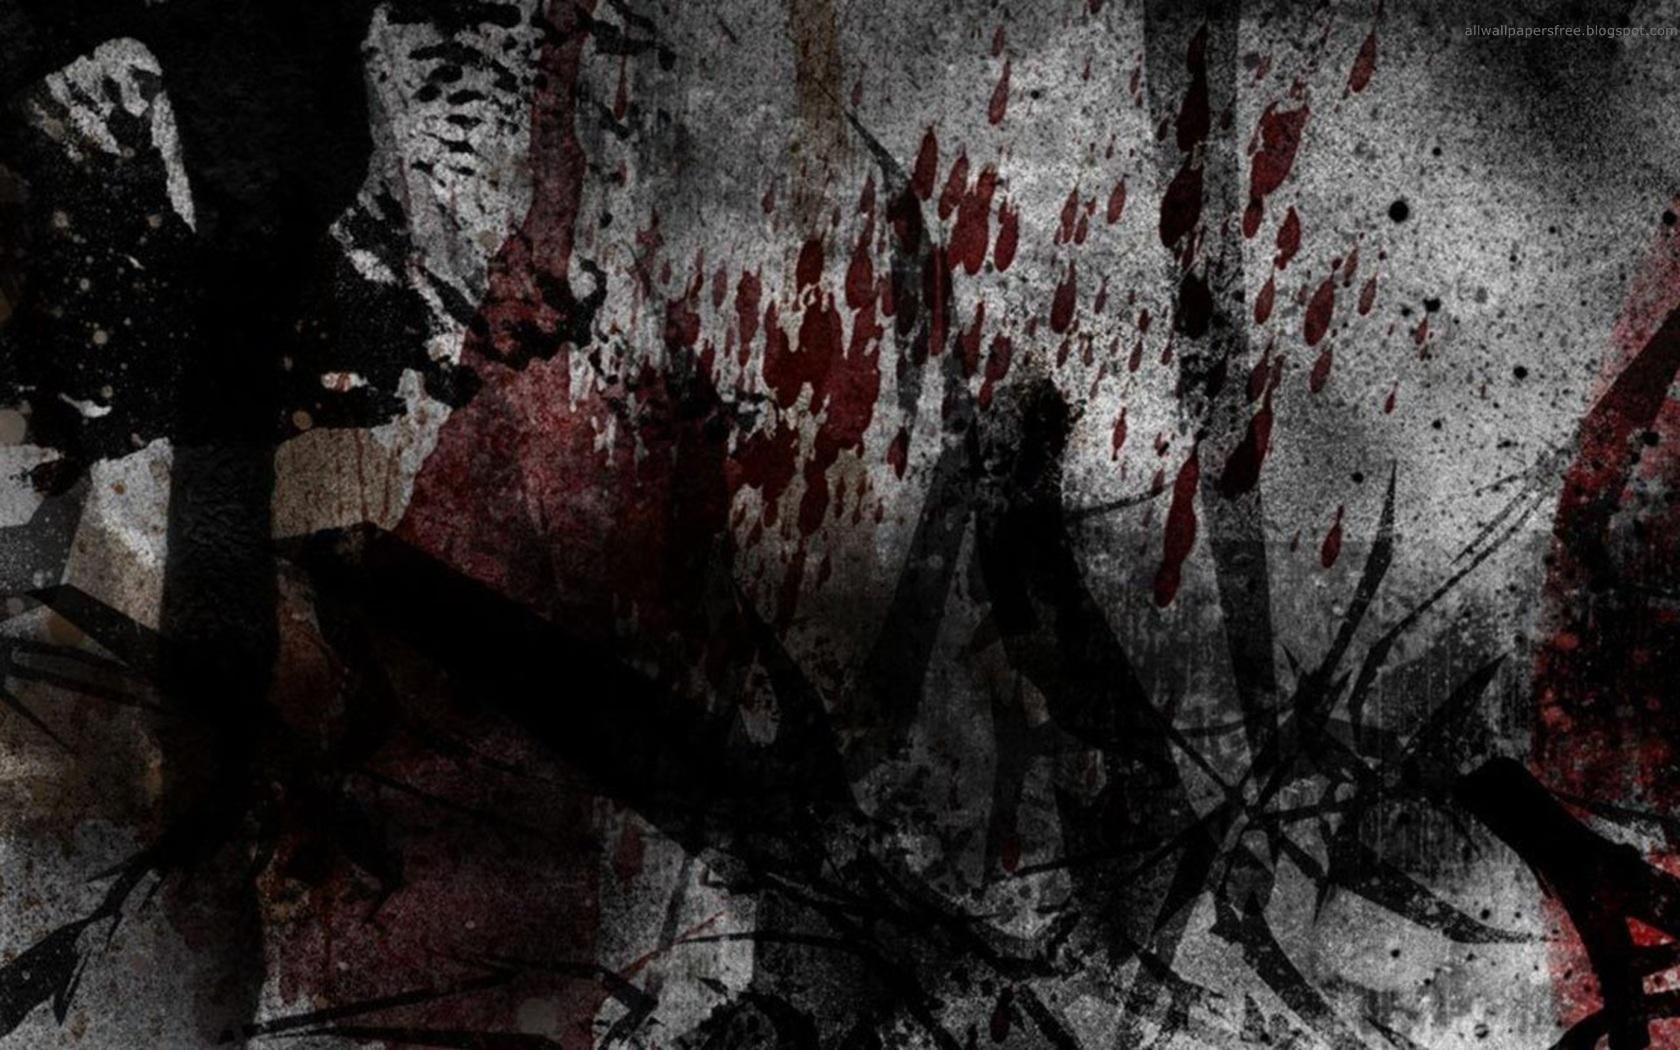 Dark Art Wallpaper - WallpaperSafari